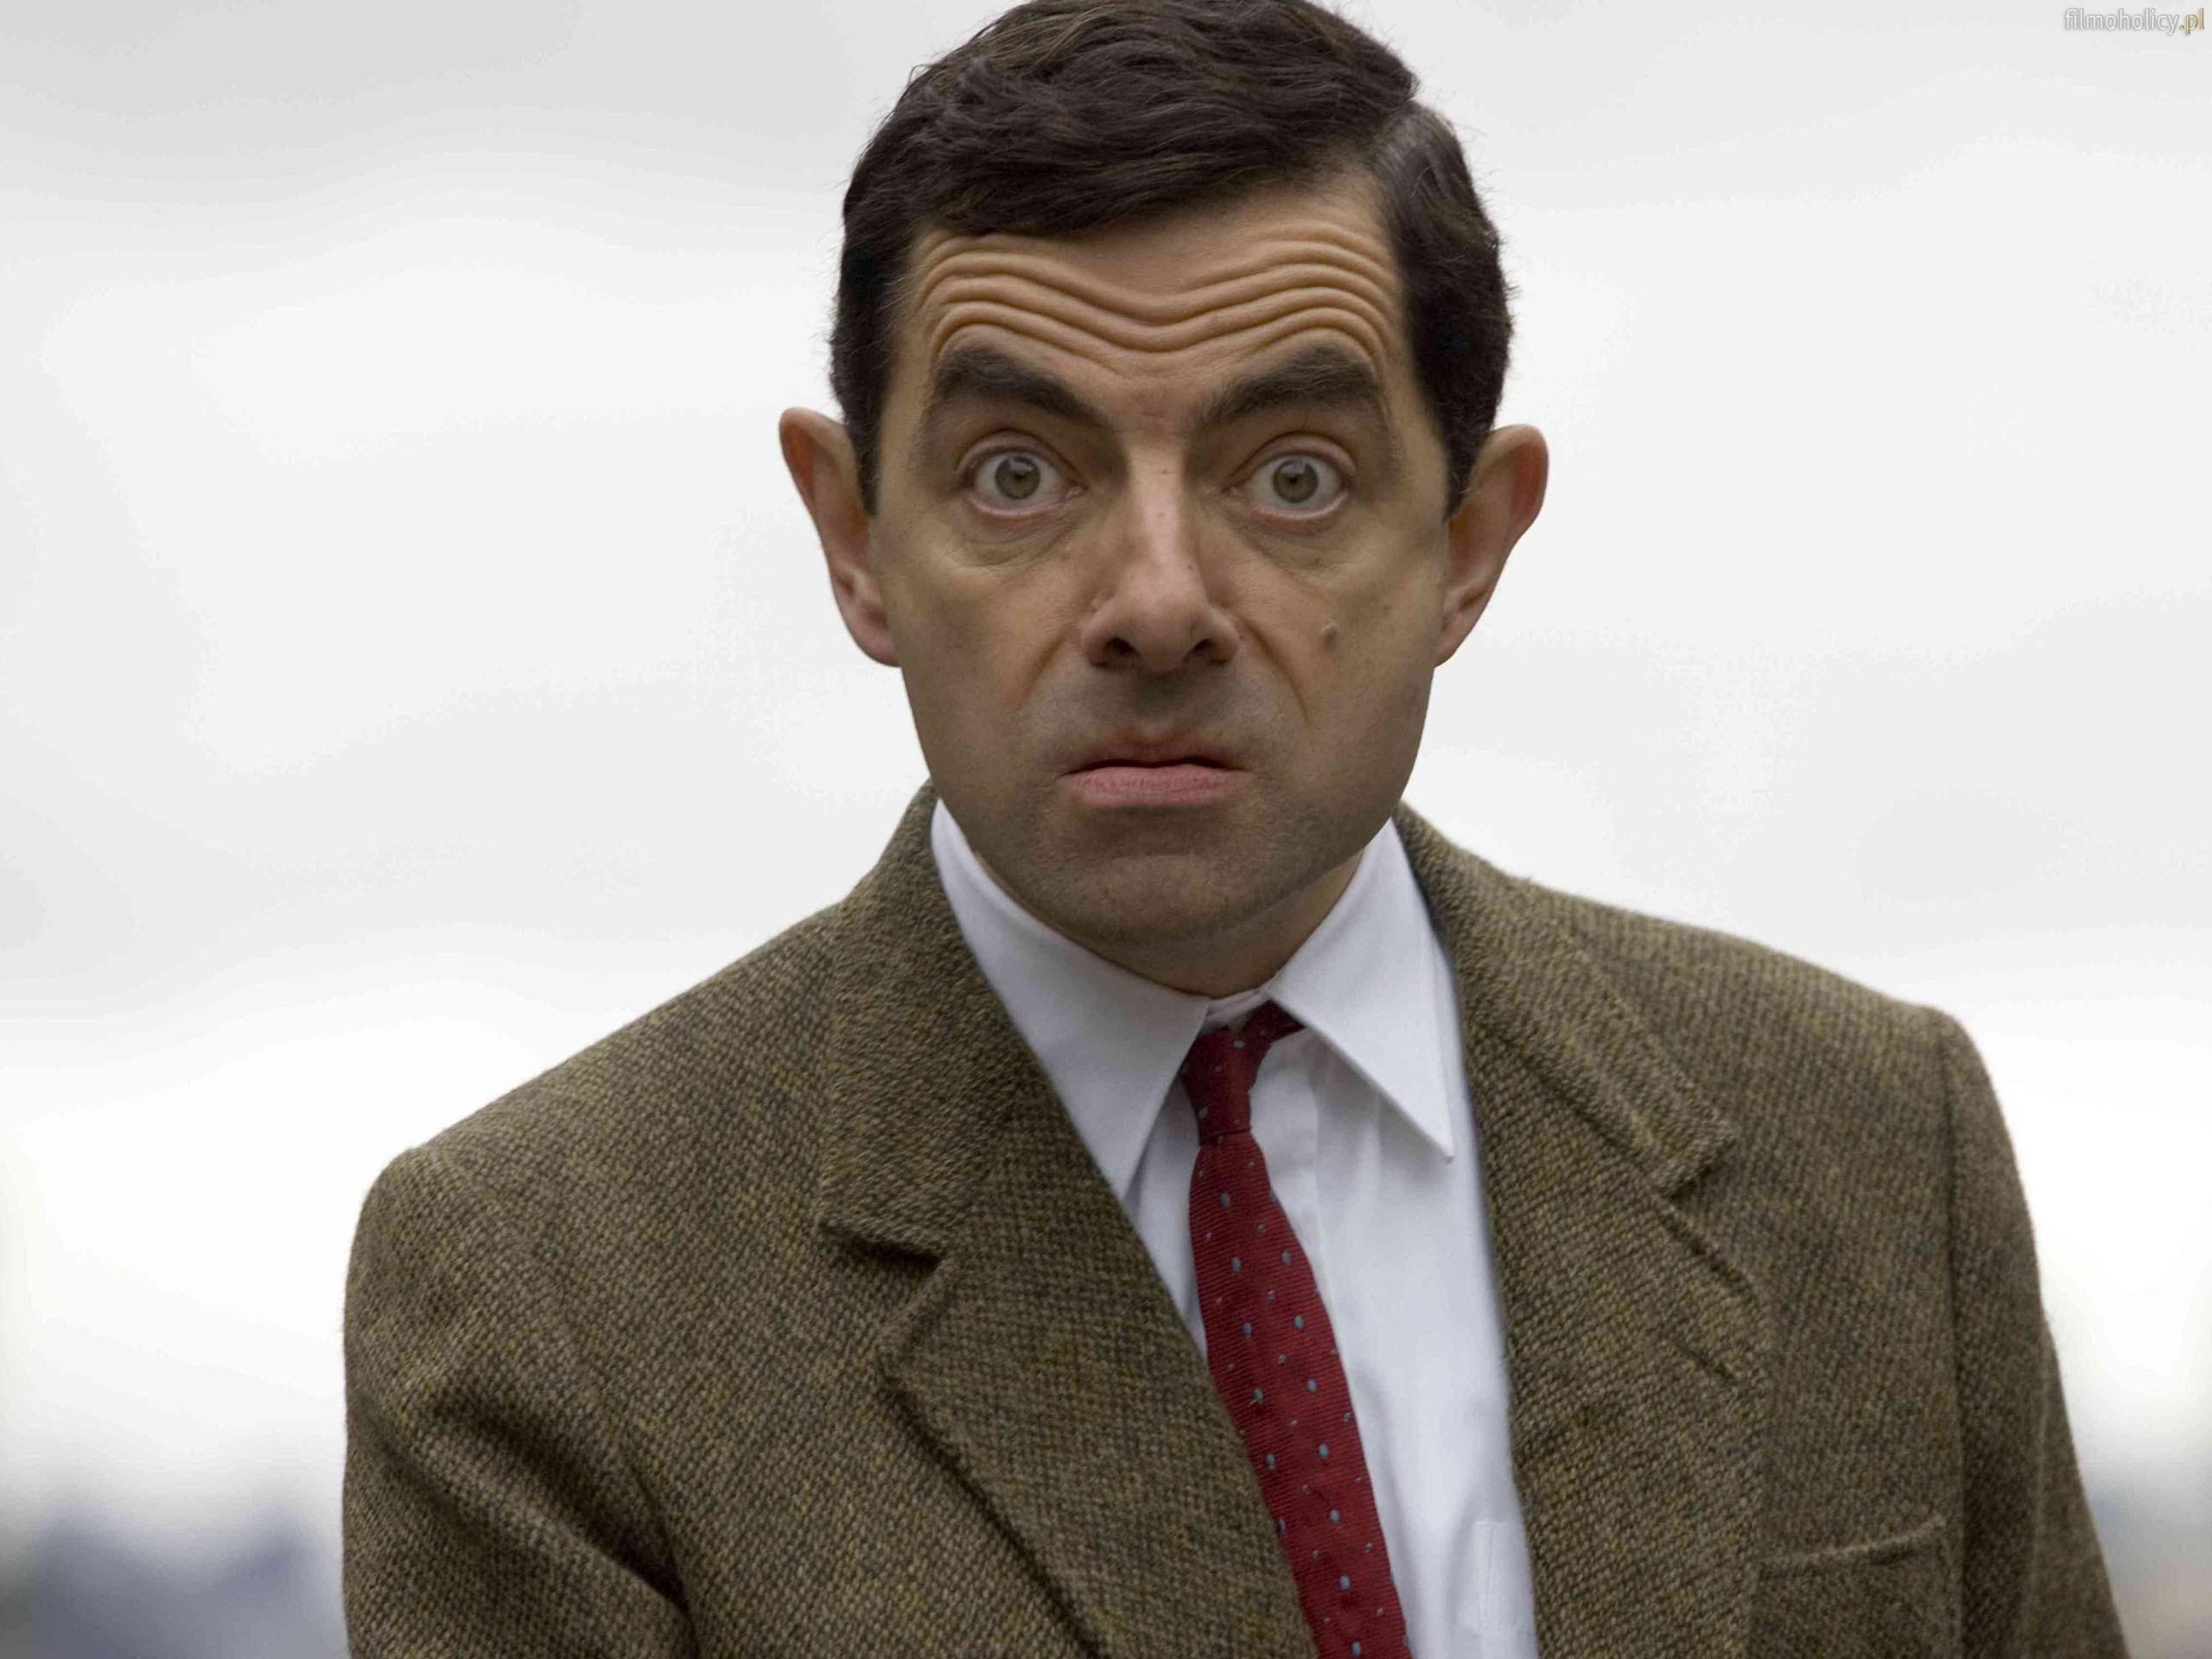 Powrót do artykułu Kliknij tutaj, żeby zobaczyć fotkkę w oryginalnym rozmiarze · Rowan Atkinson ...